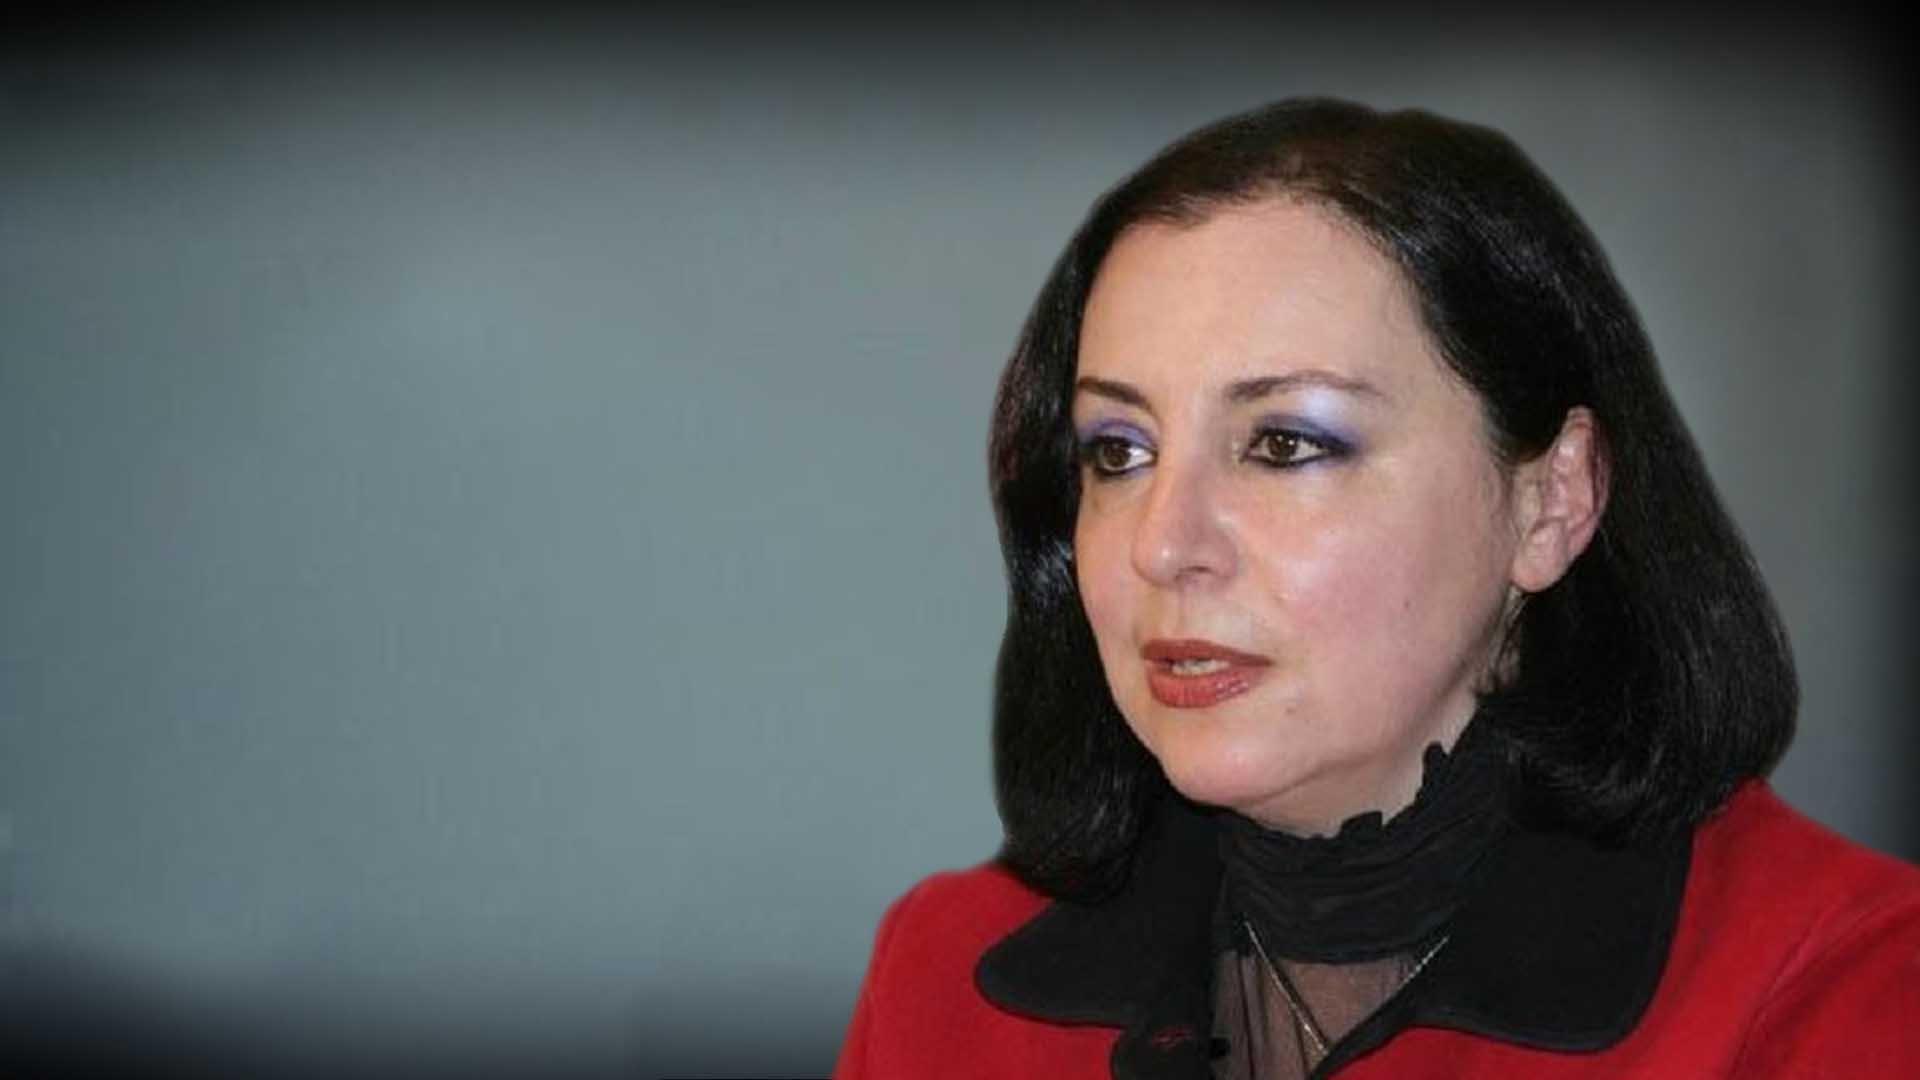 هيفاء بيطار: لا حرية في سورية على الإطلاق خاصّة في مجال الكتابة والإبداع